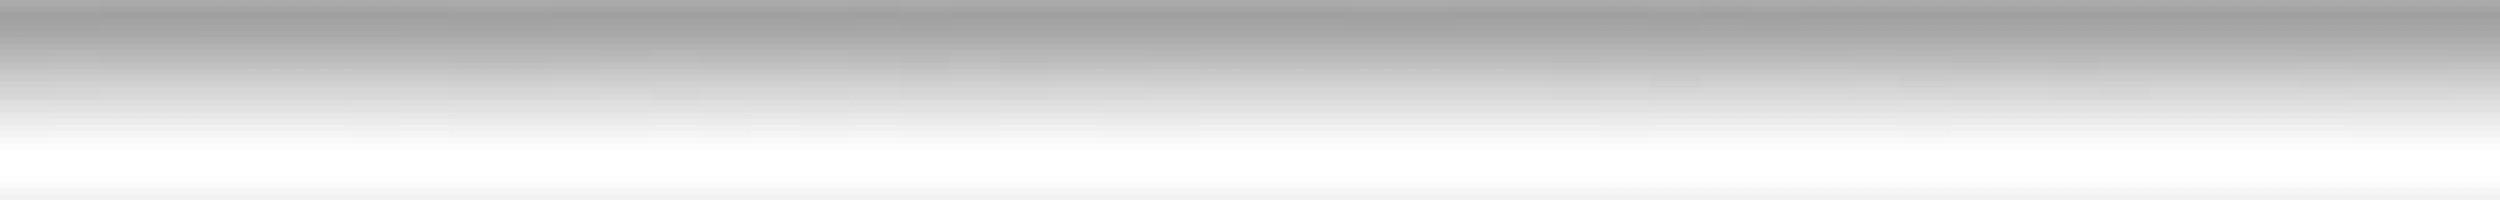 Бордюр Mei Trendy карандаш белый 1.6x25 A-TY1C051-50/N